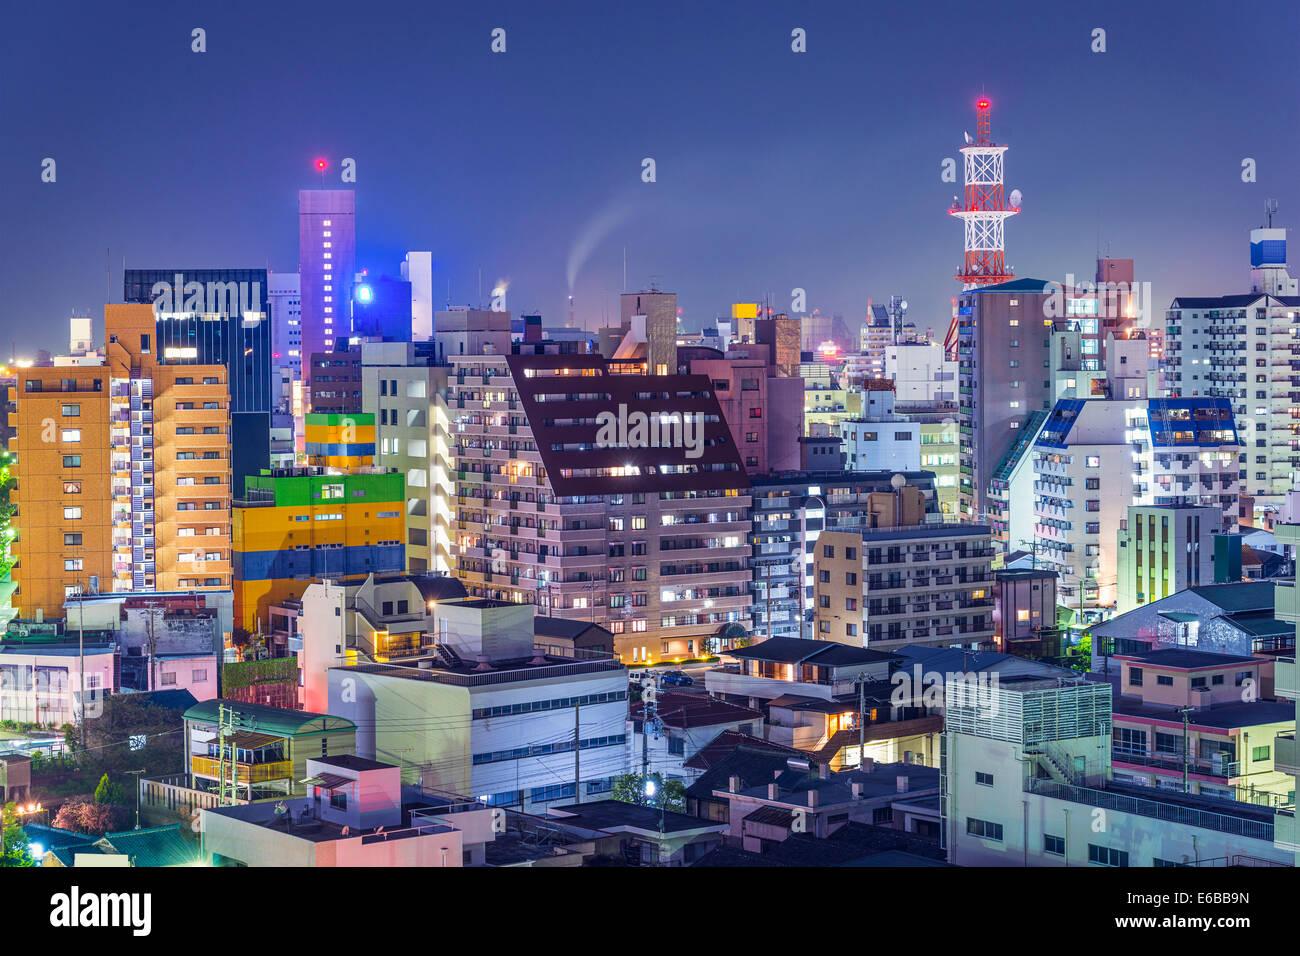 Wakayama, Japón el centro de ciudad. Imagen De Stock